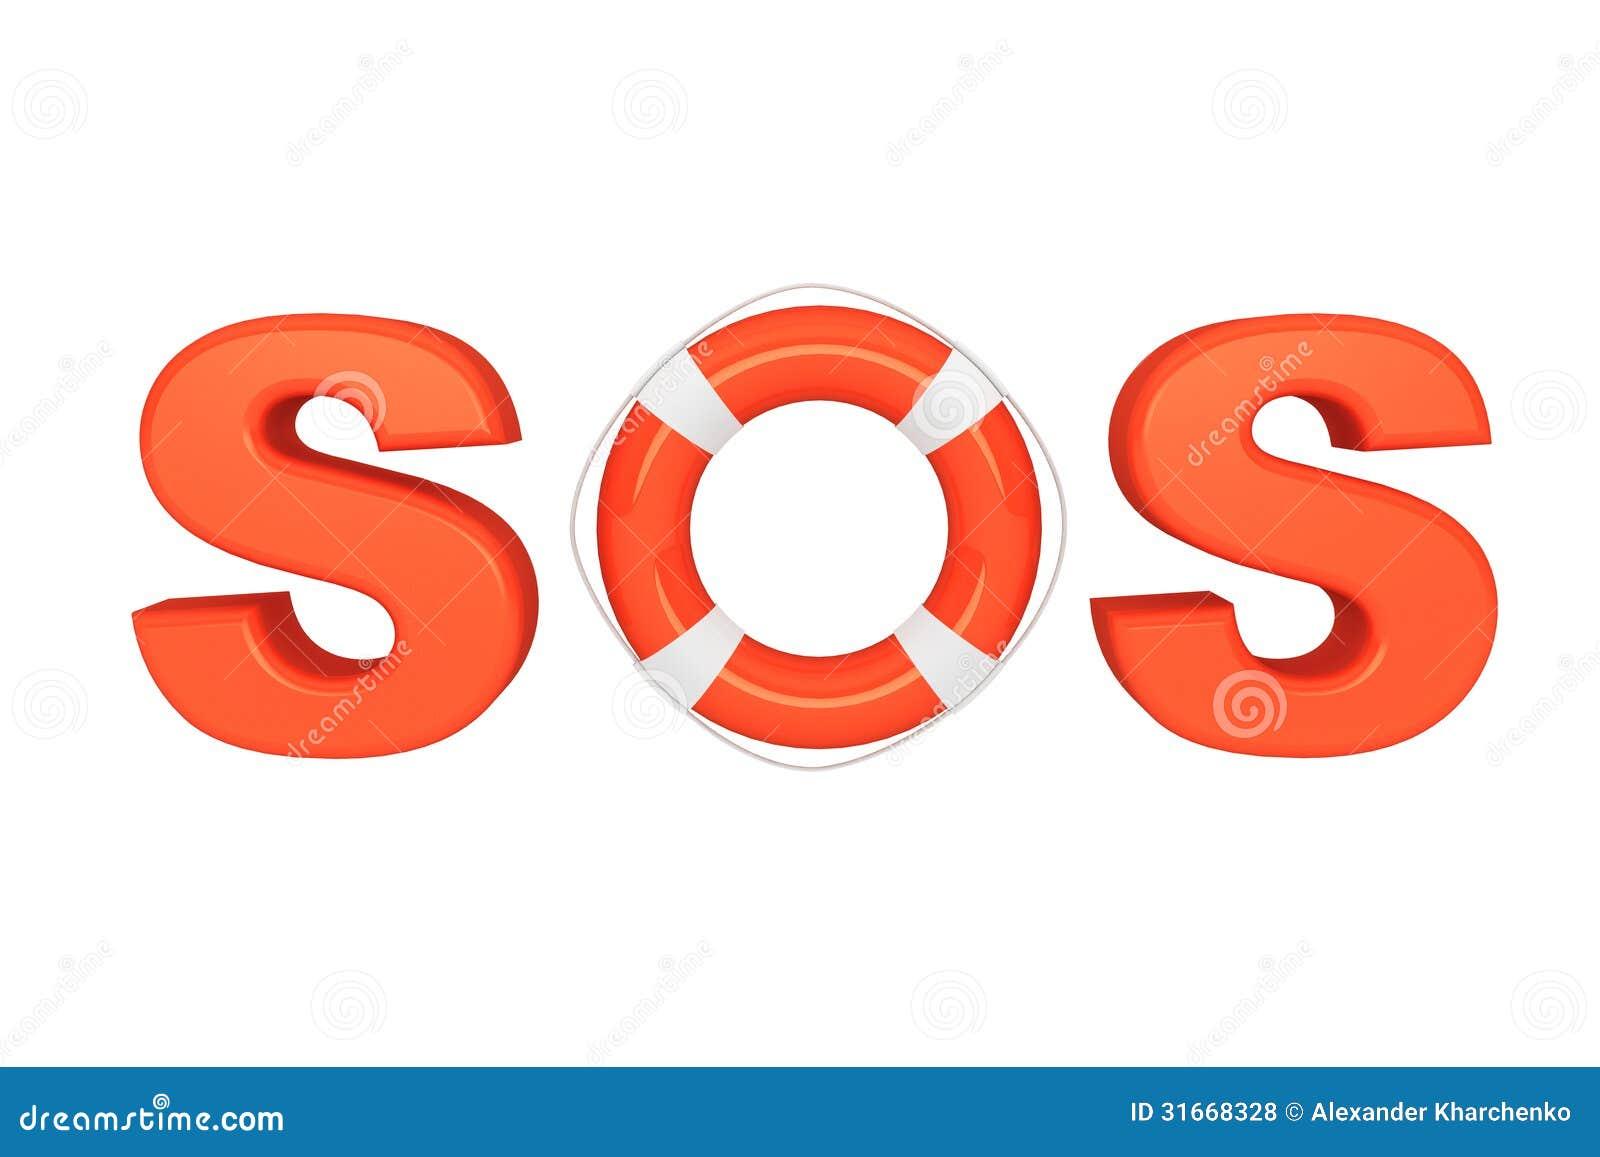 Sinal Do SOS Com Boia Salva vidas Fotos de Stock Royalty Free Imagem  #C92D02 1300 957